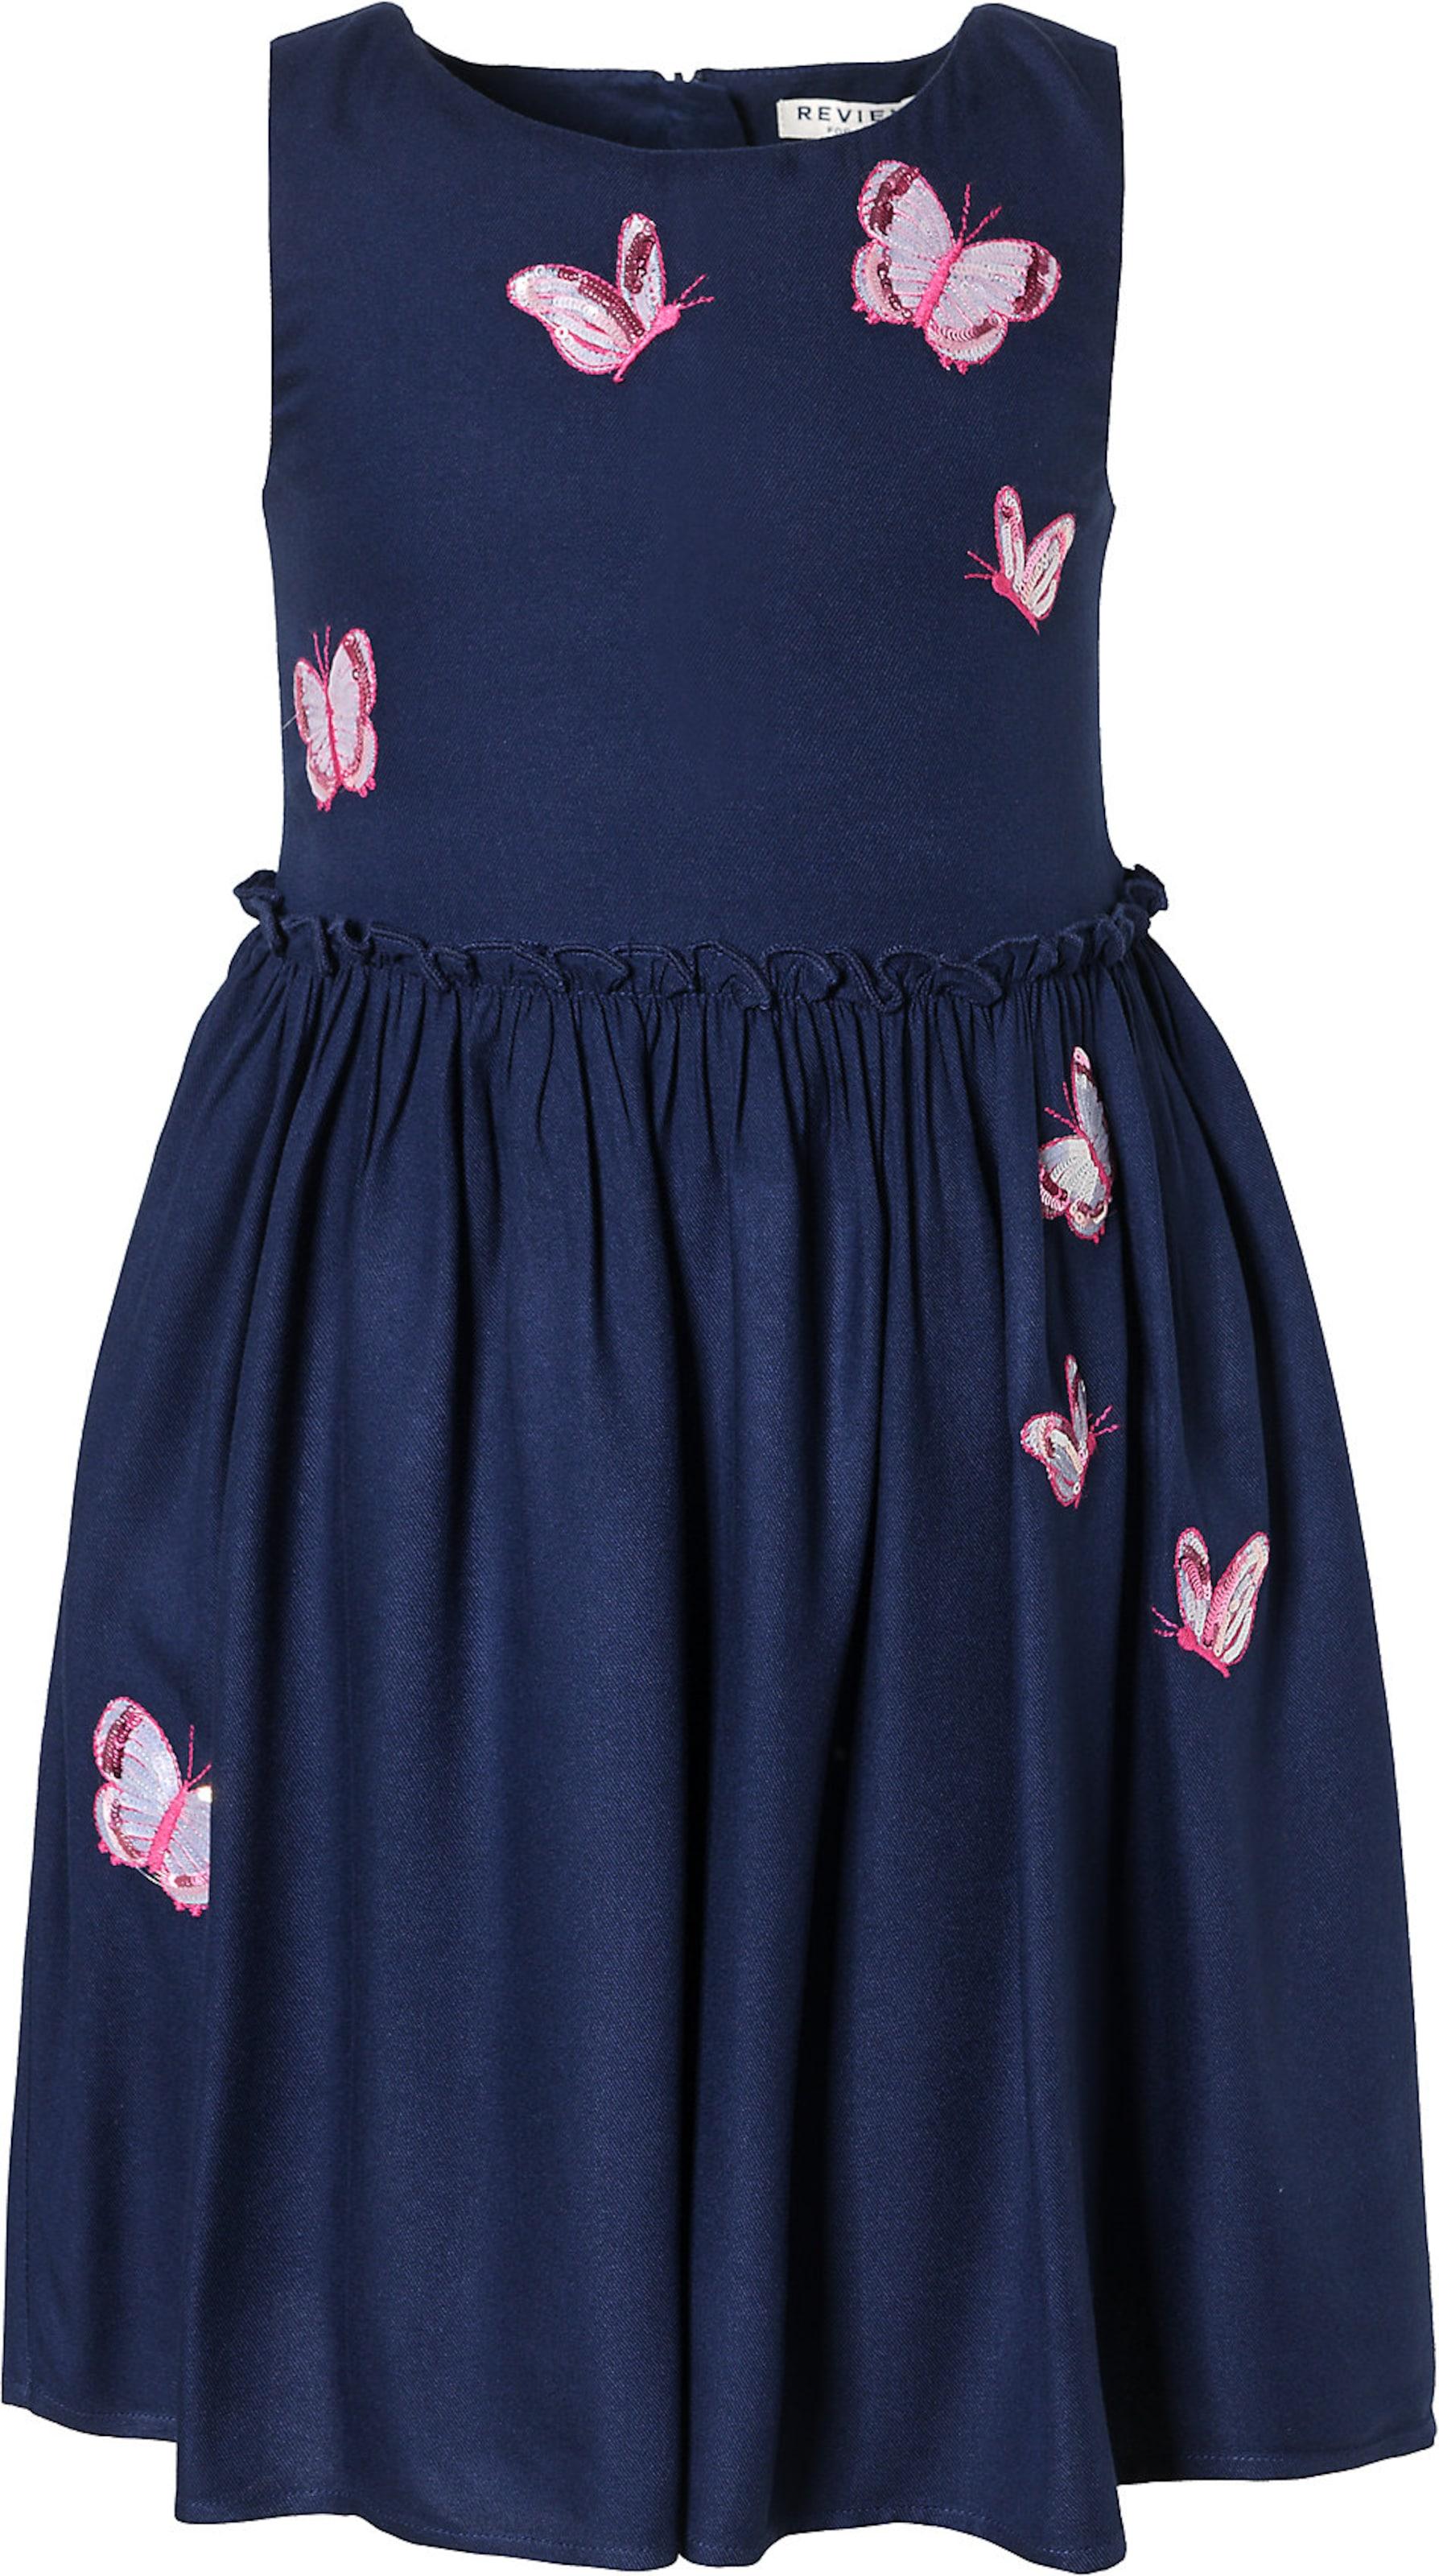 Kinder,  Mädchen,  Kinder REVIEW FOR KIDS Kinder Kleid mit Pailletten blau | 04062448411561